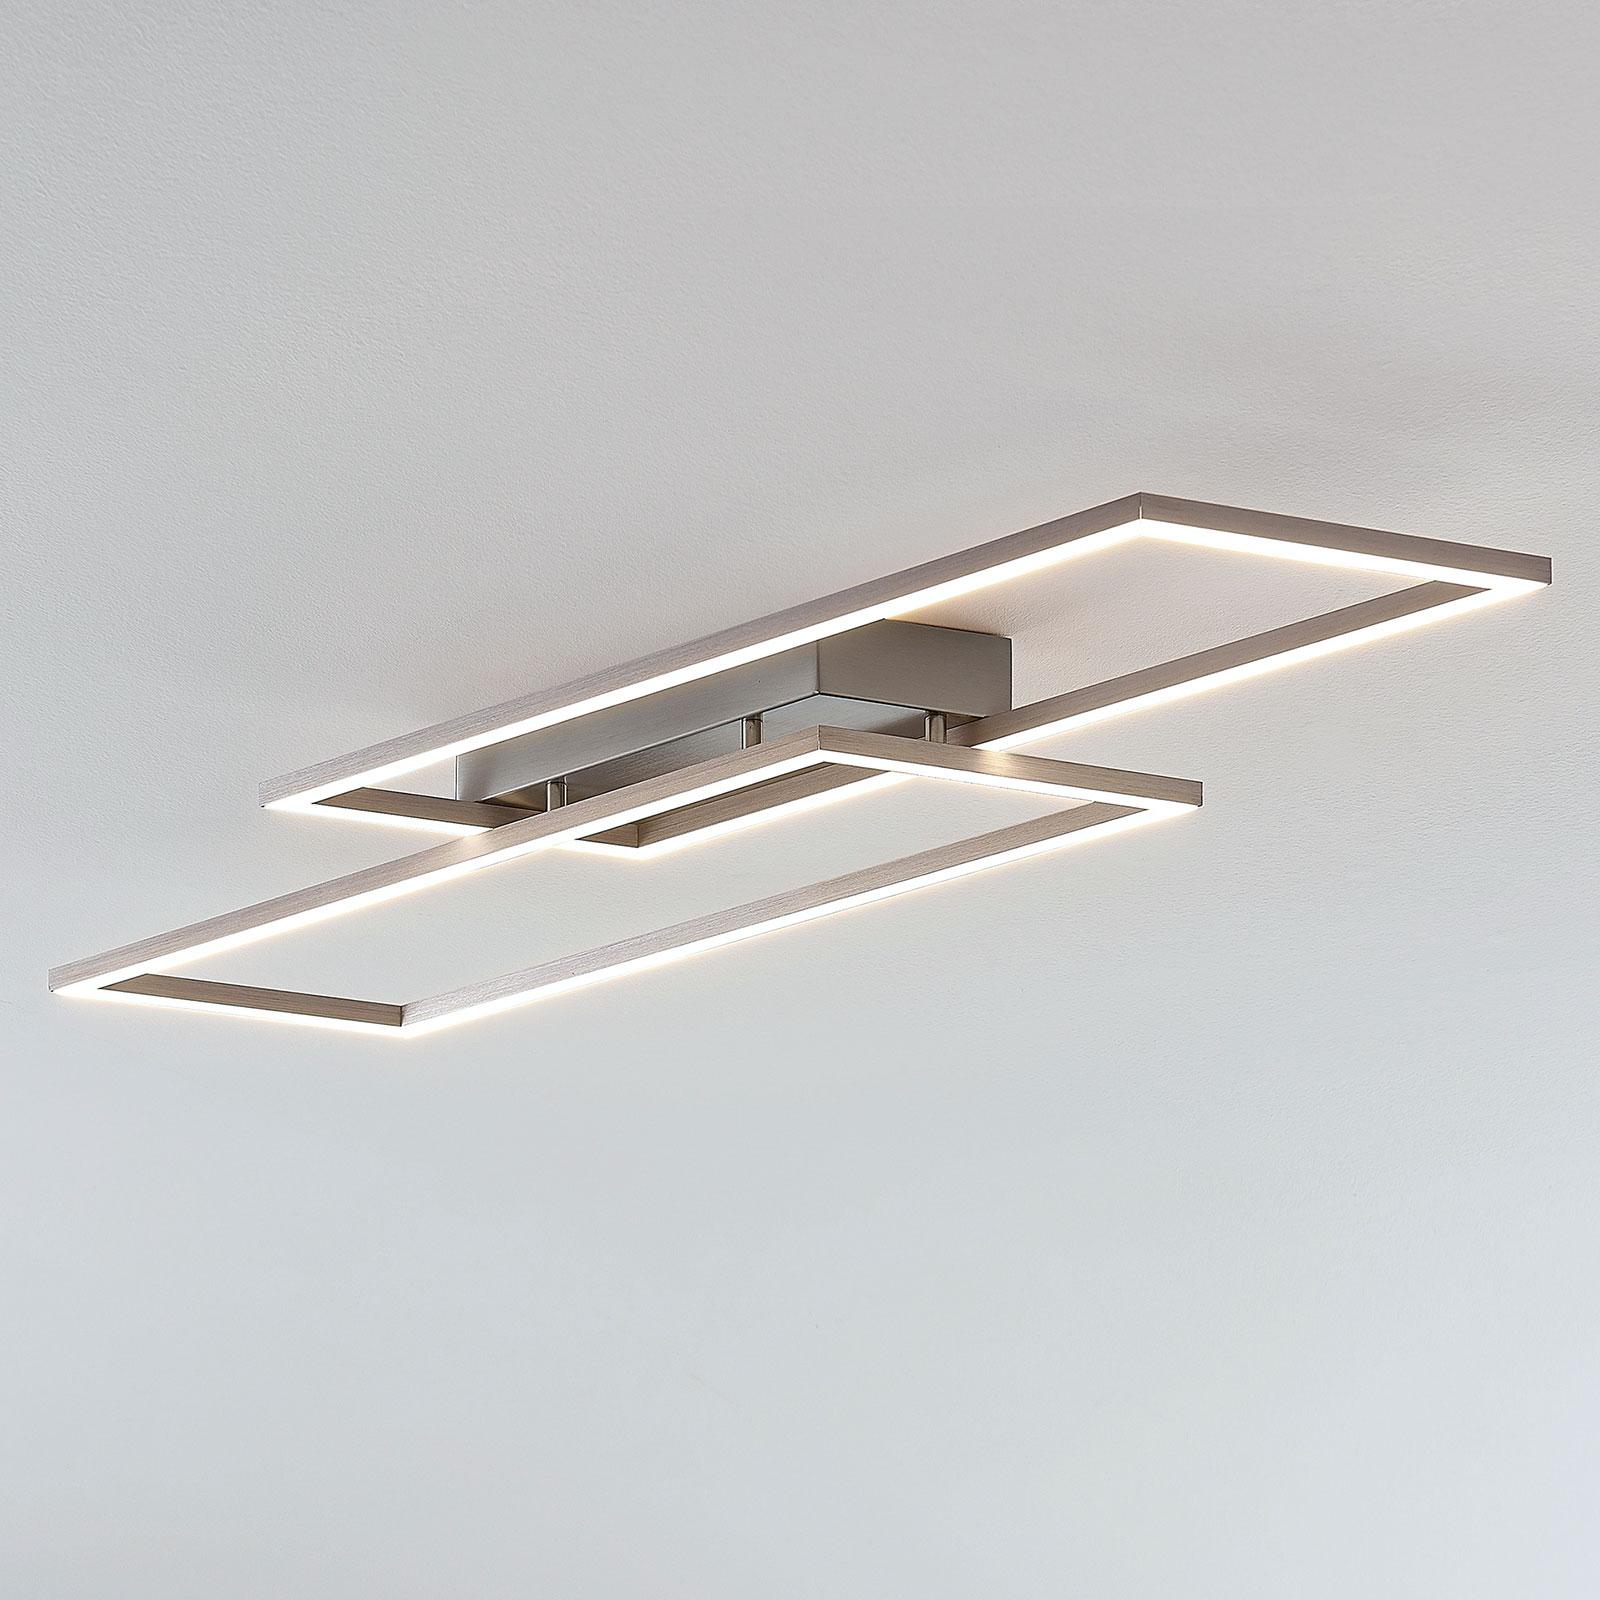 Lámpara LED de techo Quadra forma marco, atenuable